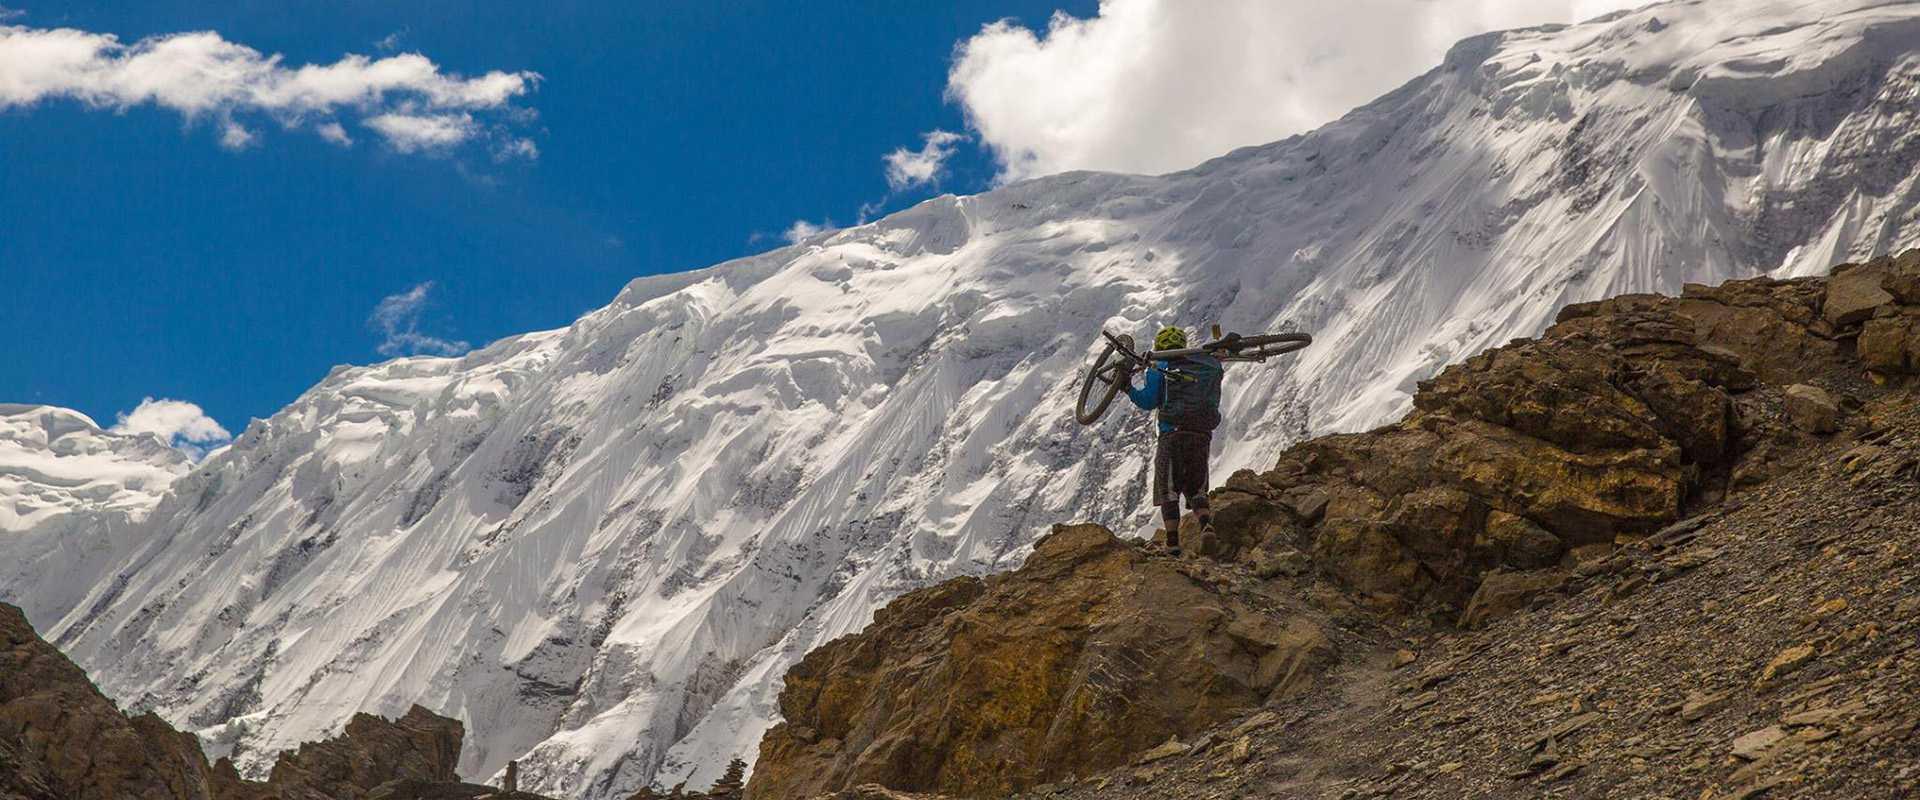 Mountain Biking & Cycling Nepal